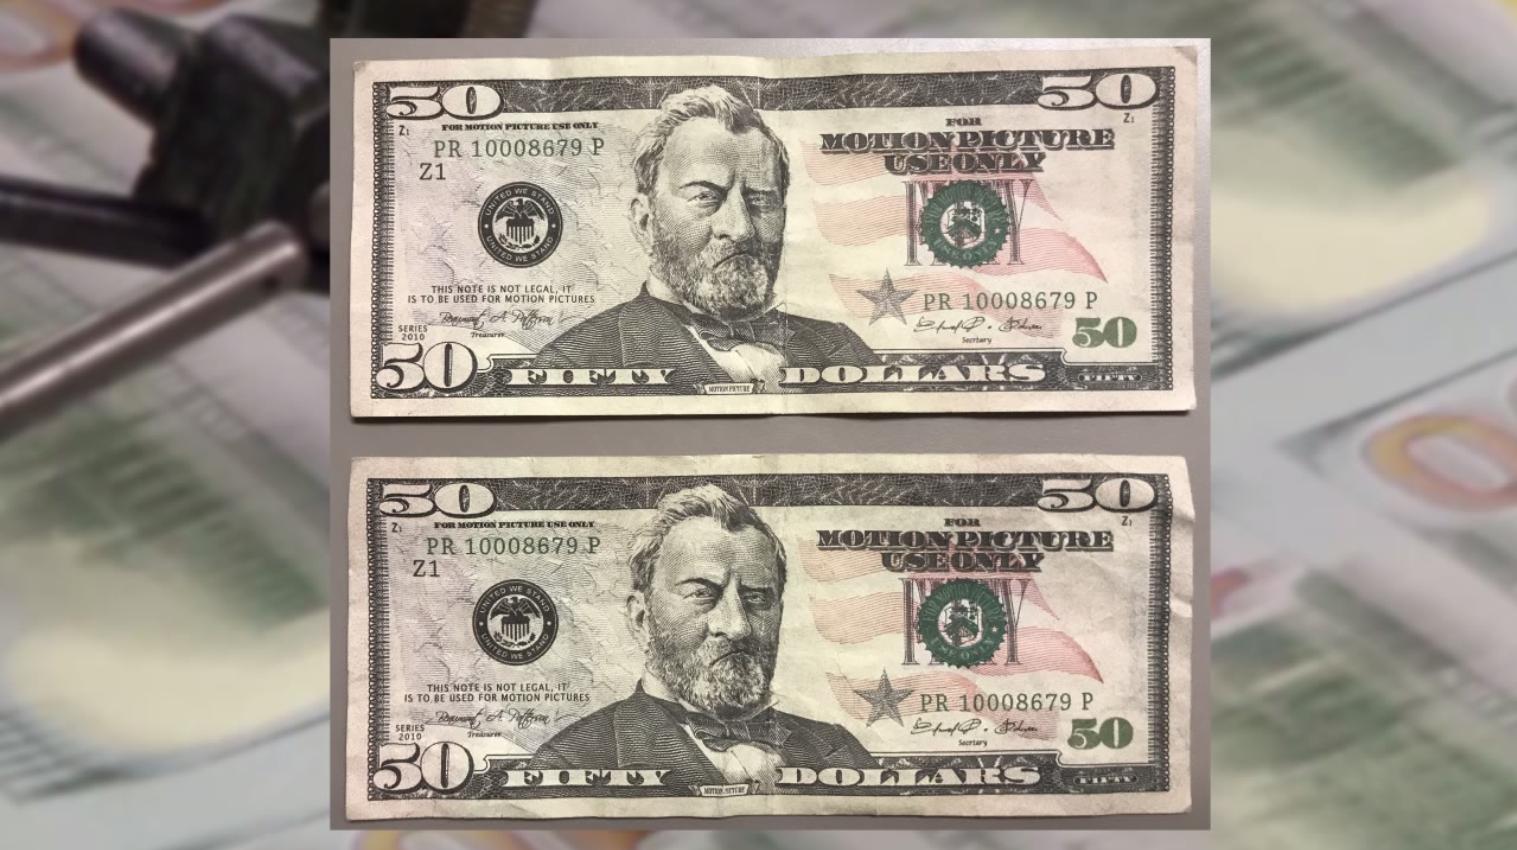 Fake money circulating around Salisbury yet again - 47abc